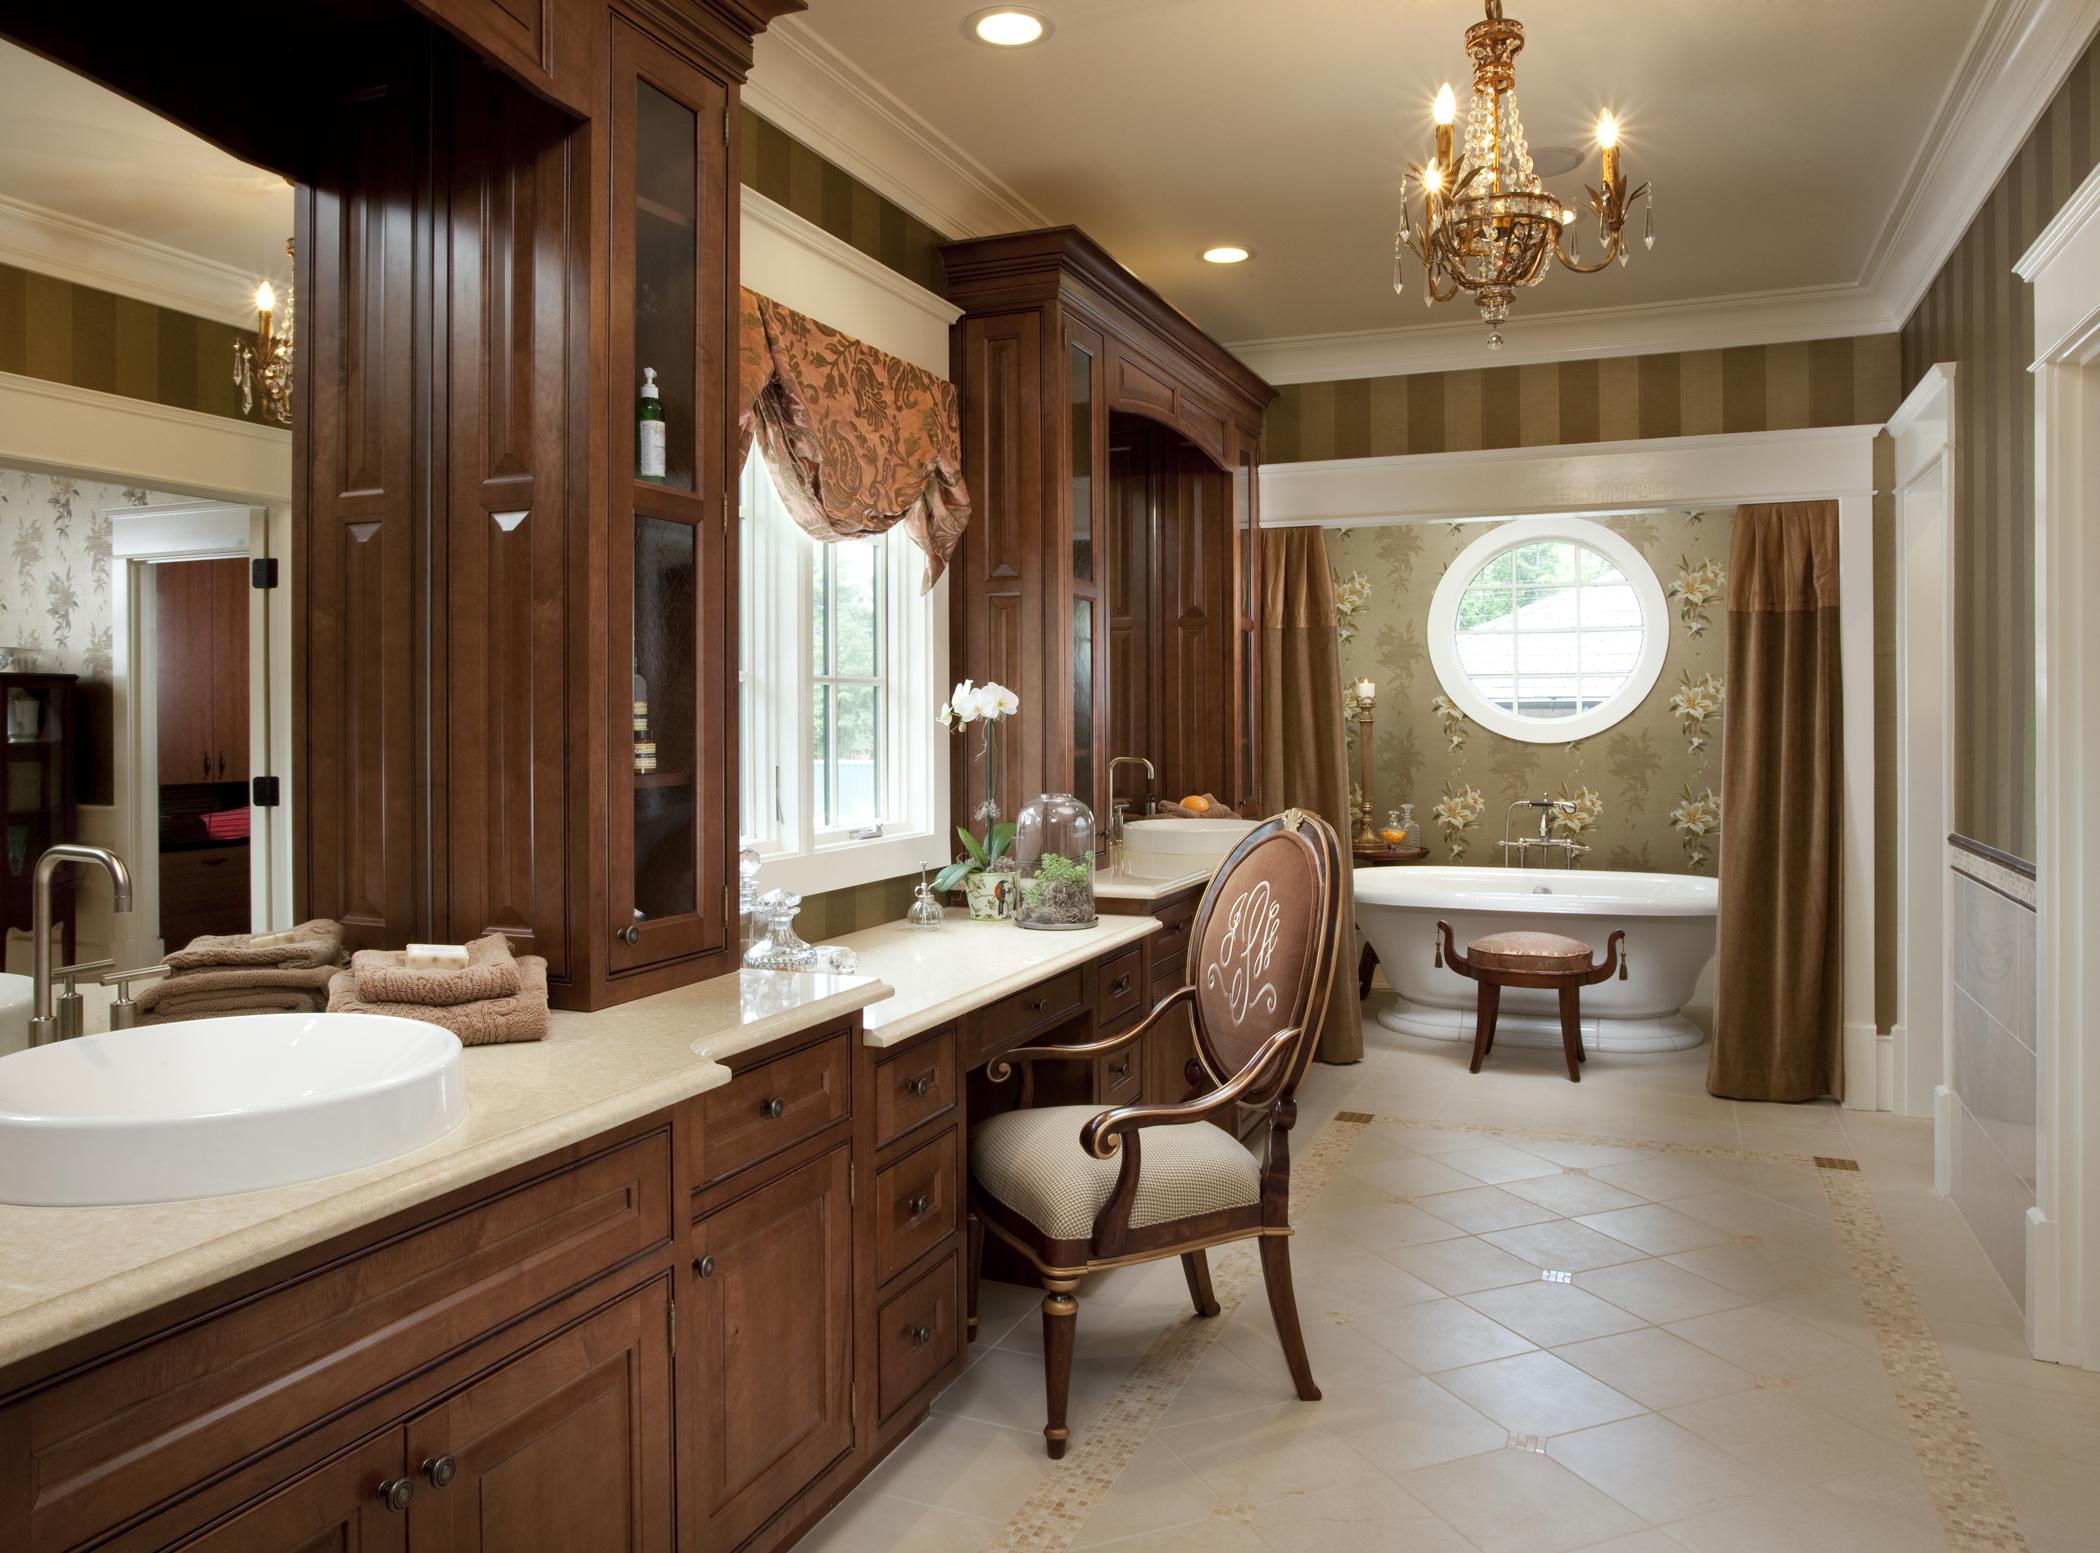 luxurious vanity his & hers bathroom sink   lovelyspaces.com